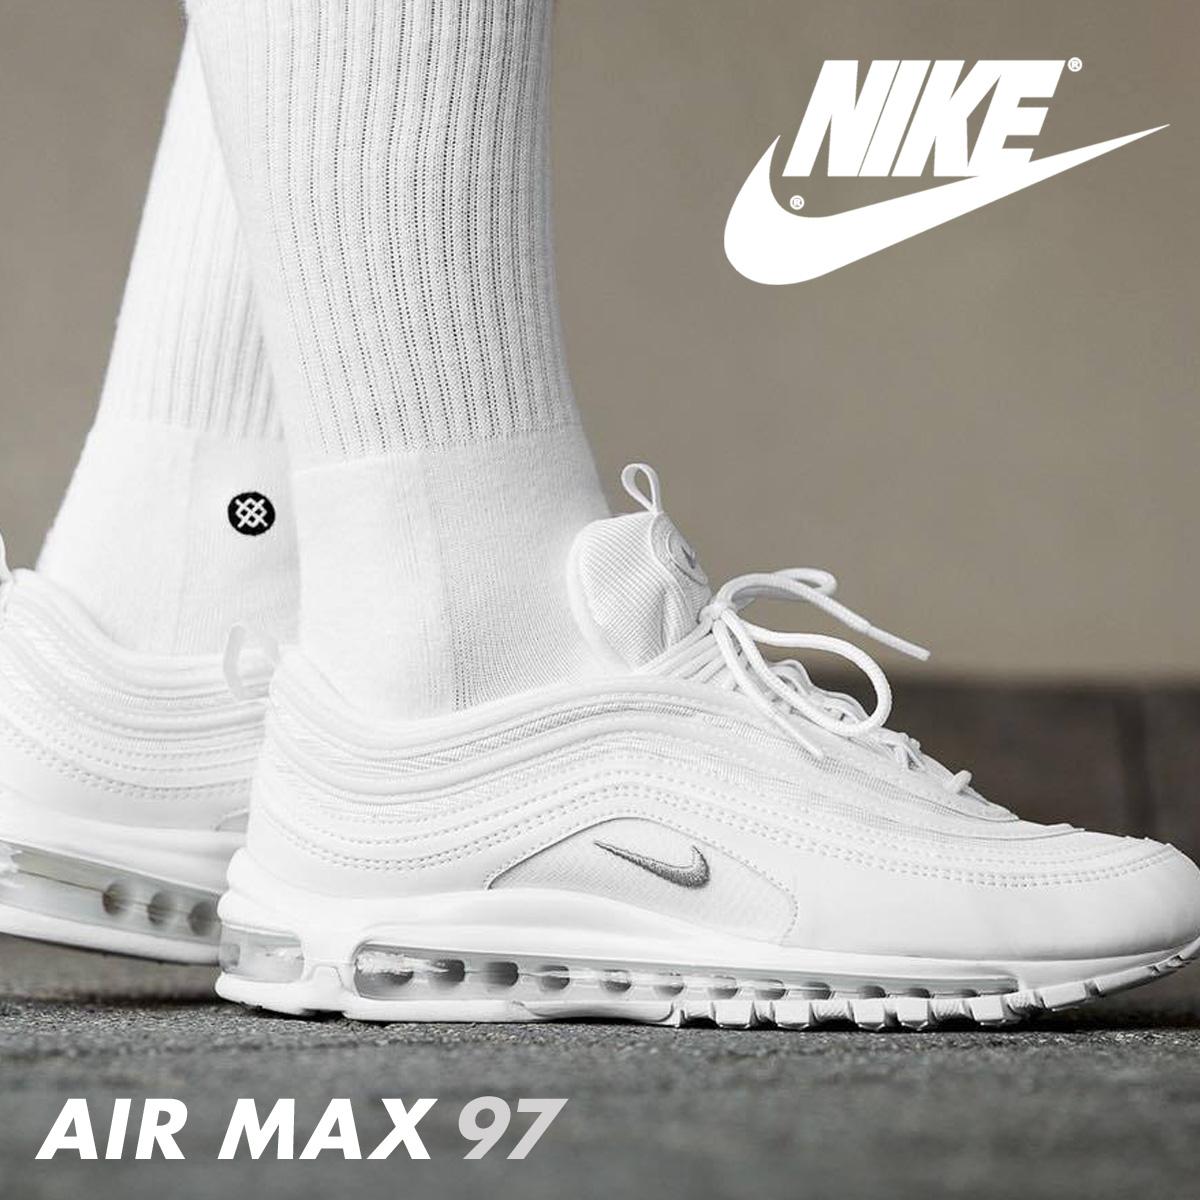 95b6b7d532a85 ... Nike NIKE Air Max 97 sneakers AIR MAX 97 TRIPLE WHITE 921,826-101  triple white ...